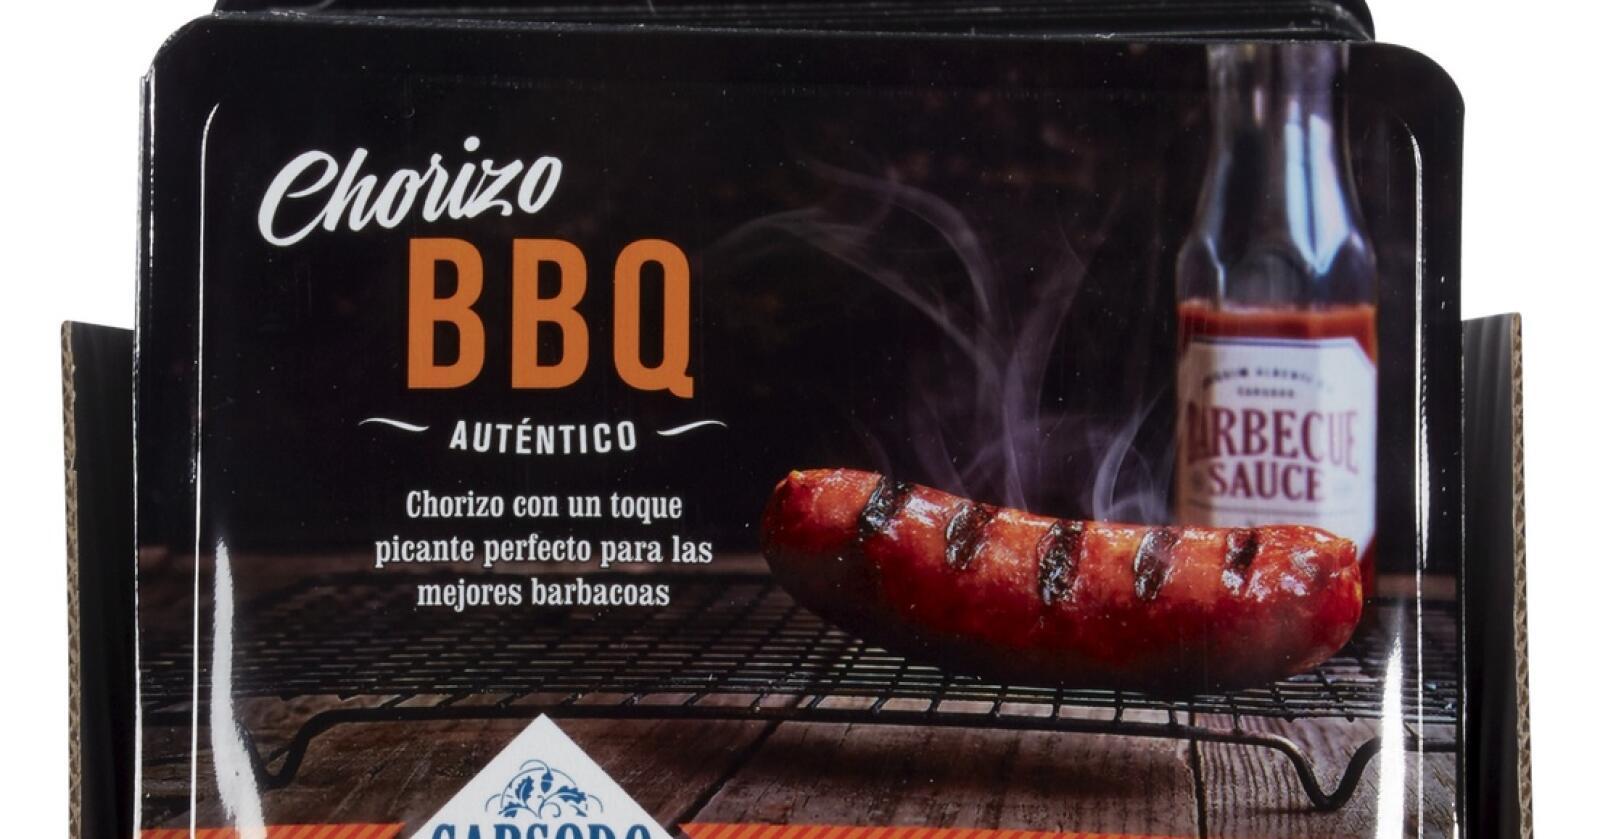 Carsodo BBQ Chorizo med best før dato 2.6.2021 og 15.6.2021 tilbakekalles. Foto: Taga Foods AS / NTB